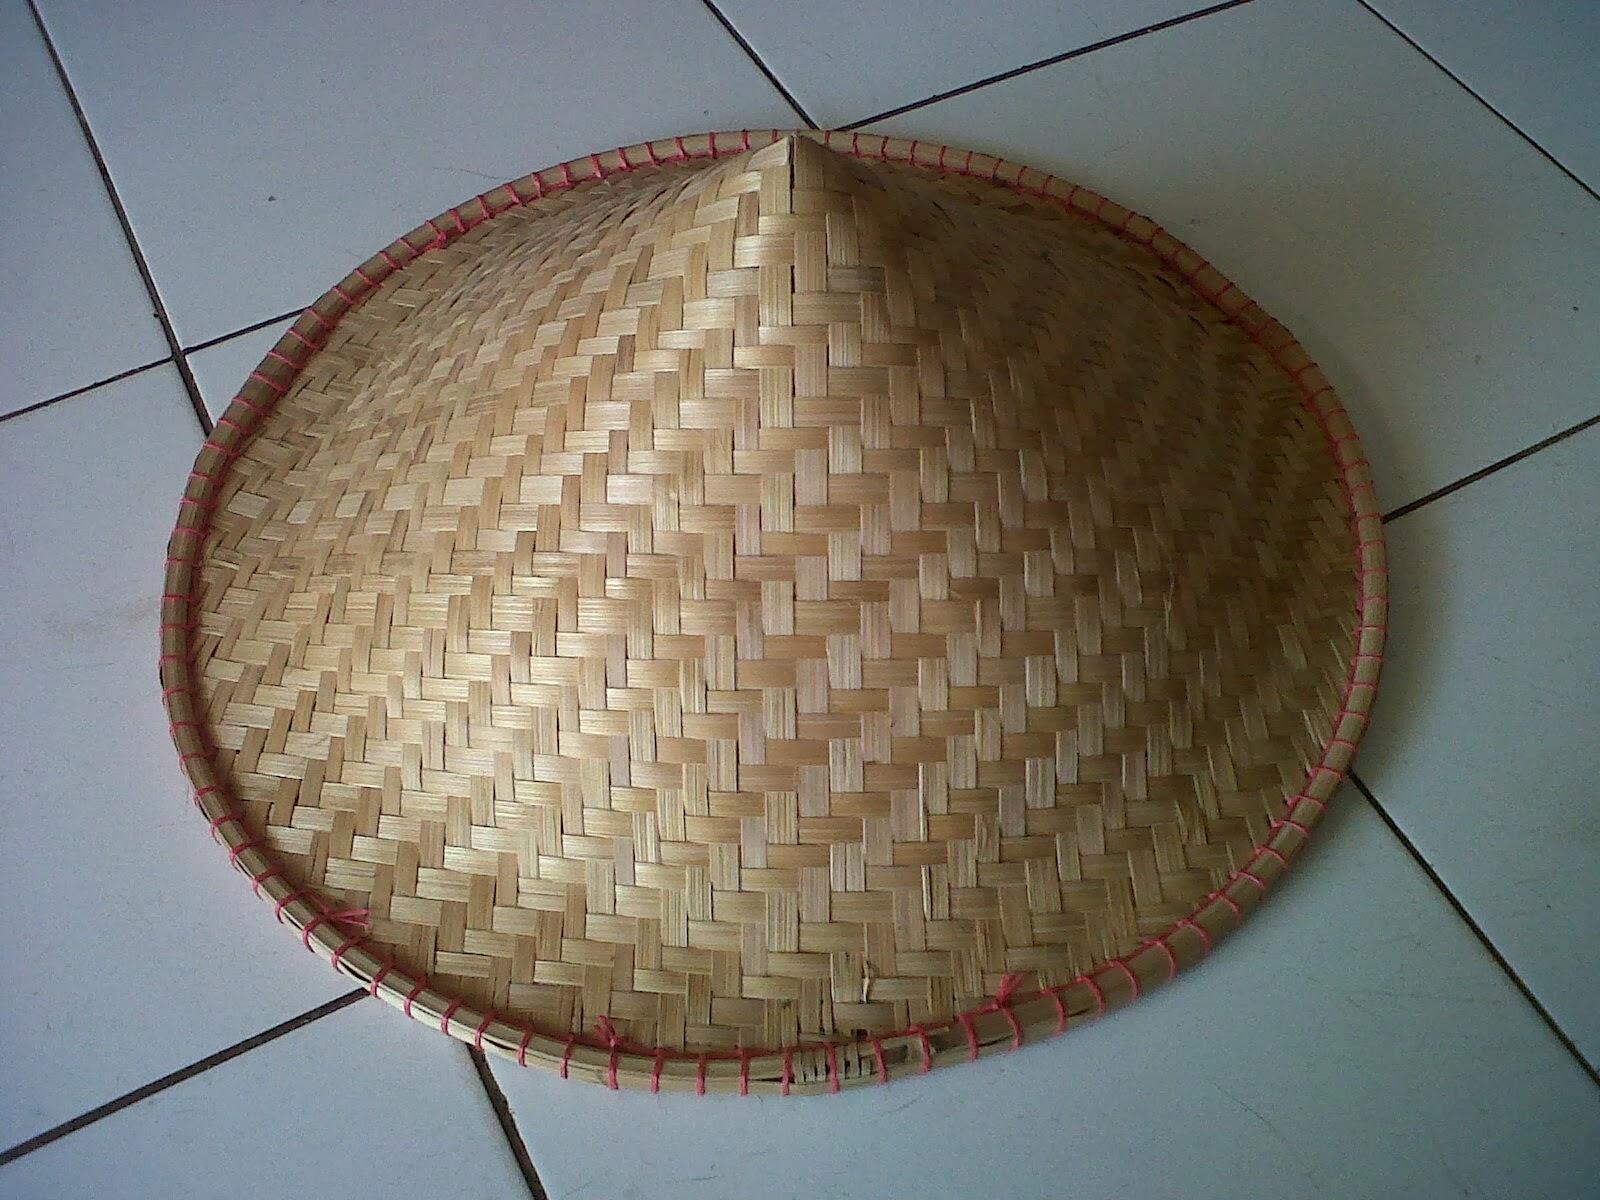 Sentra Kerajinan Bambu Tangerang Banten - Peluang Usaha Terbaru 7a6a269768